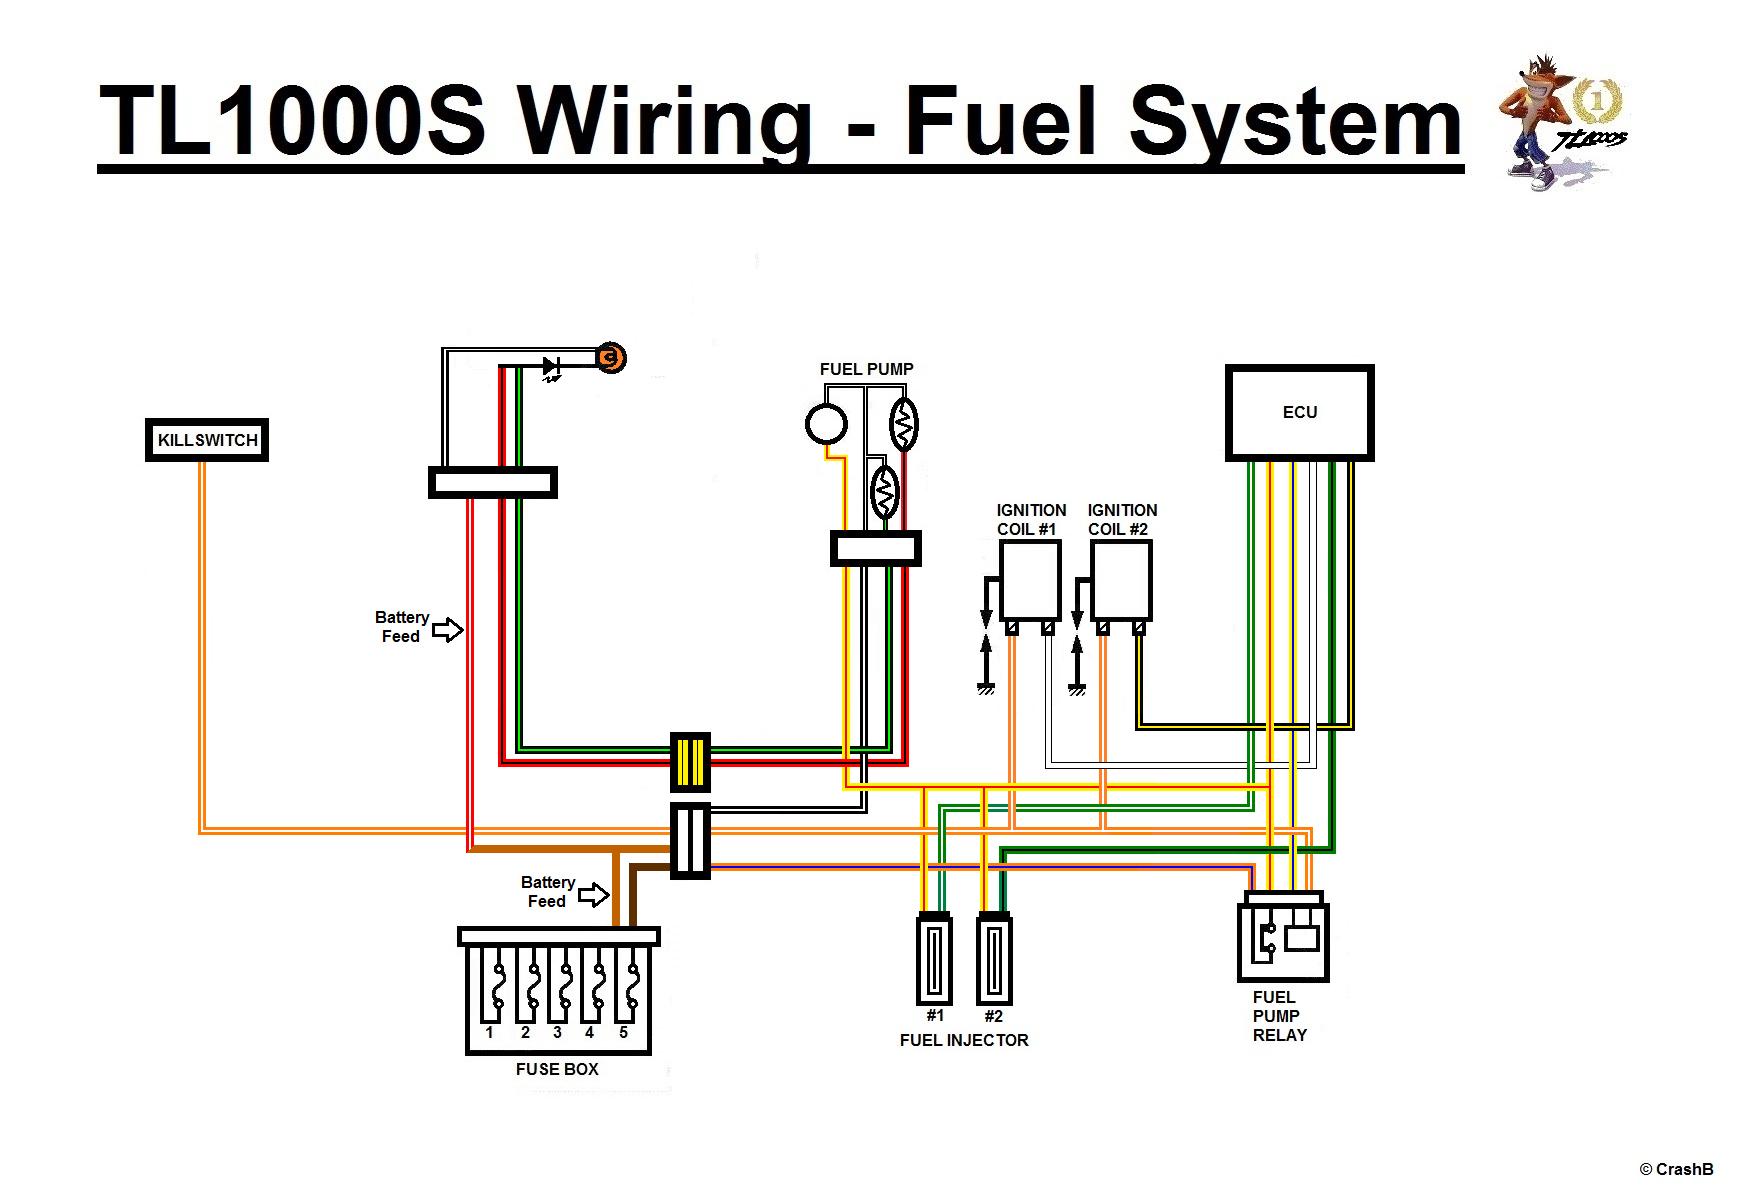 suzuki tl1000s wiring diagram general wiring diagram information u2022 rh velvetfive co uk 1997 suzuki tl1000s wiring diagram suzuki tl1000s wiring diagram